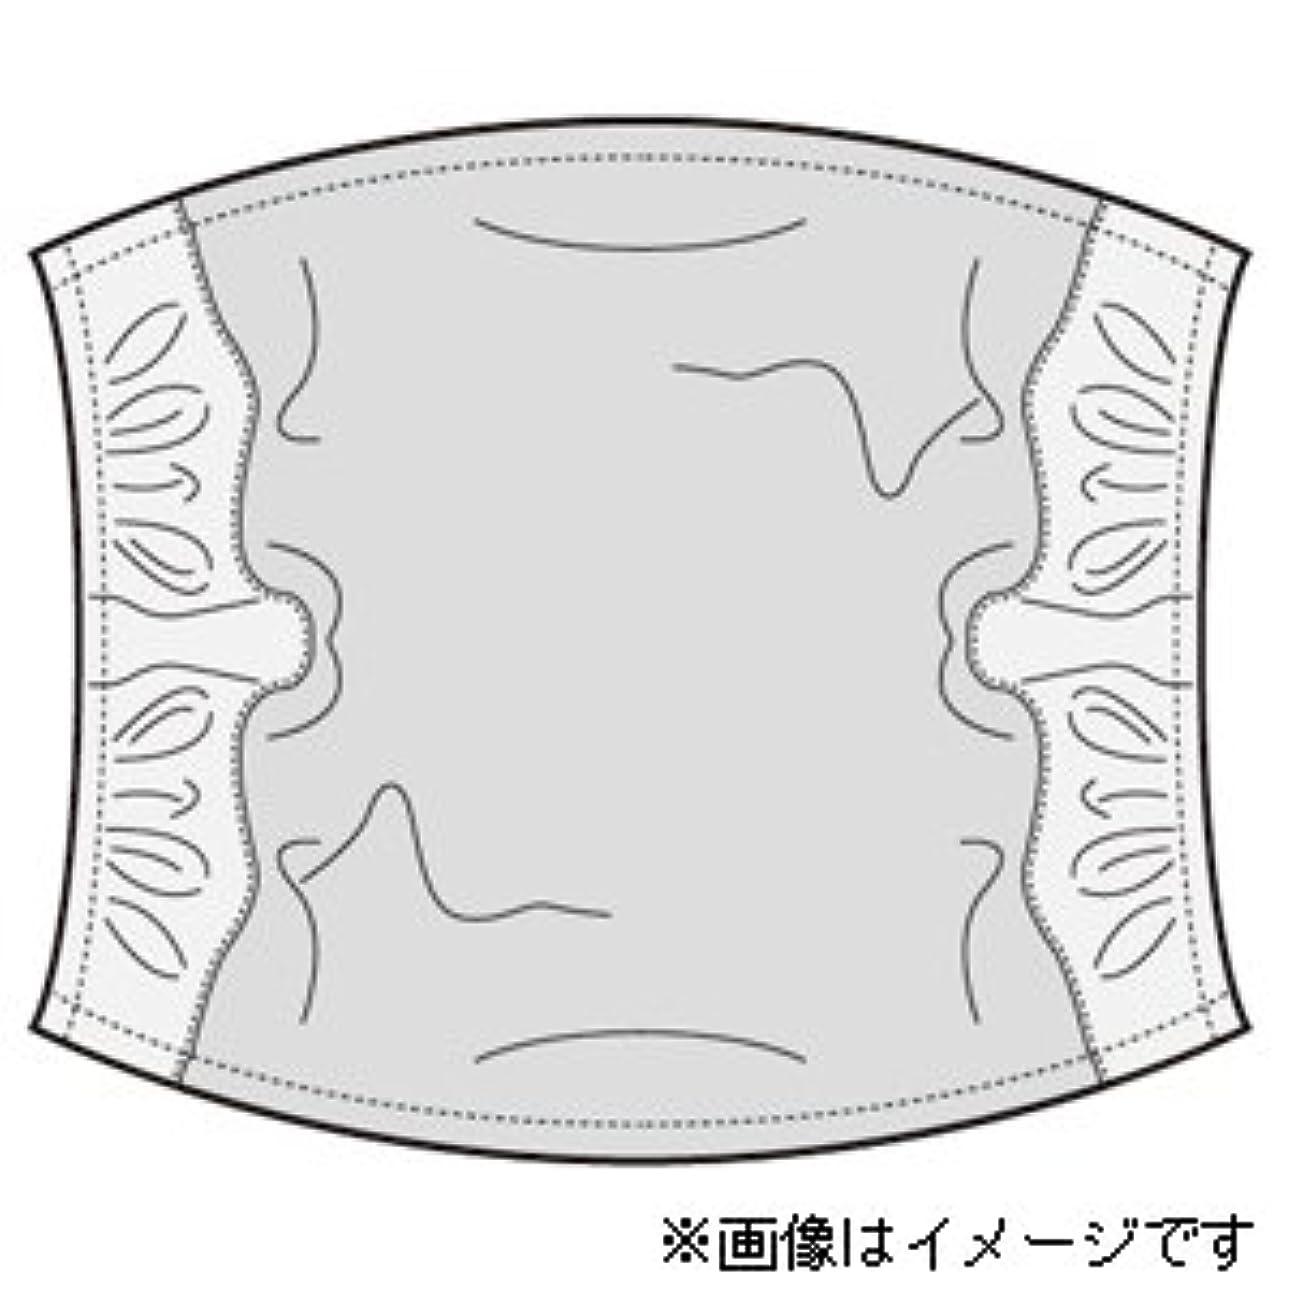 降雨脚本国家オムロン 交換カバー HM-231-COVER